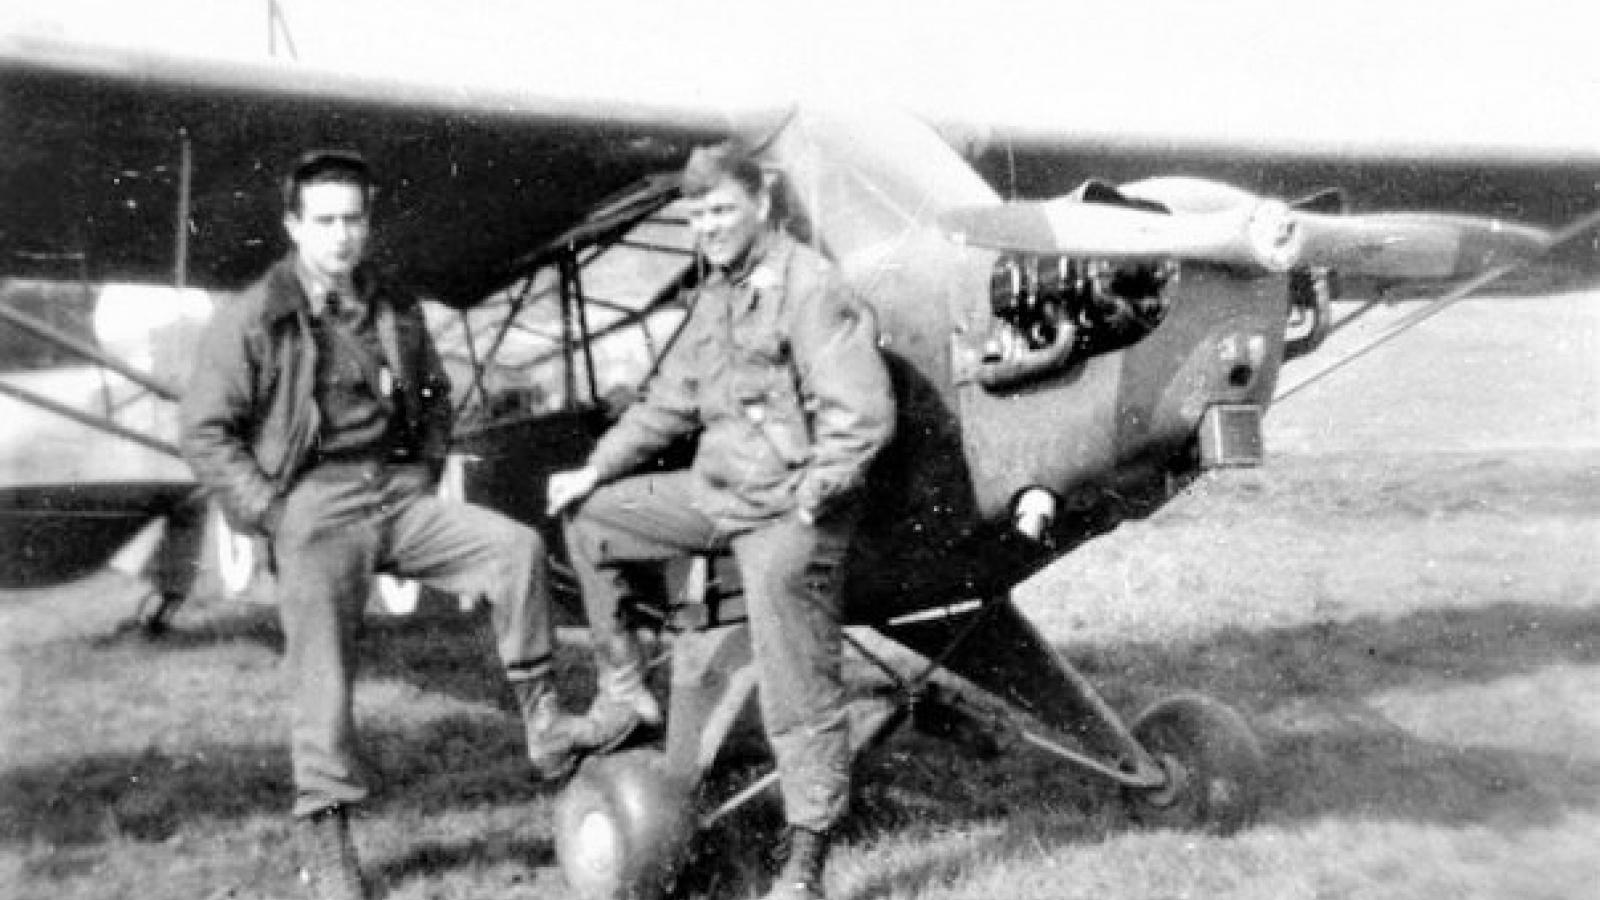 Những cuộc đấu súng có một không hai trong Chiến tranh thế giới thứ II